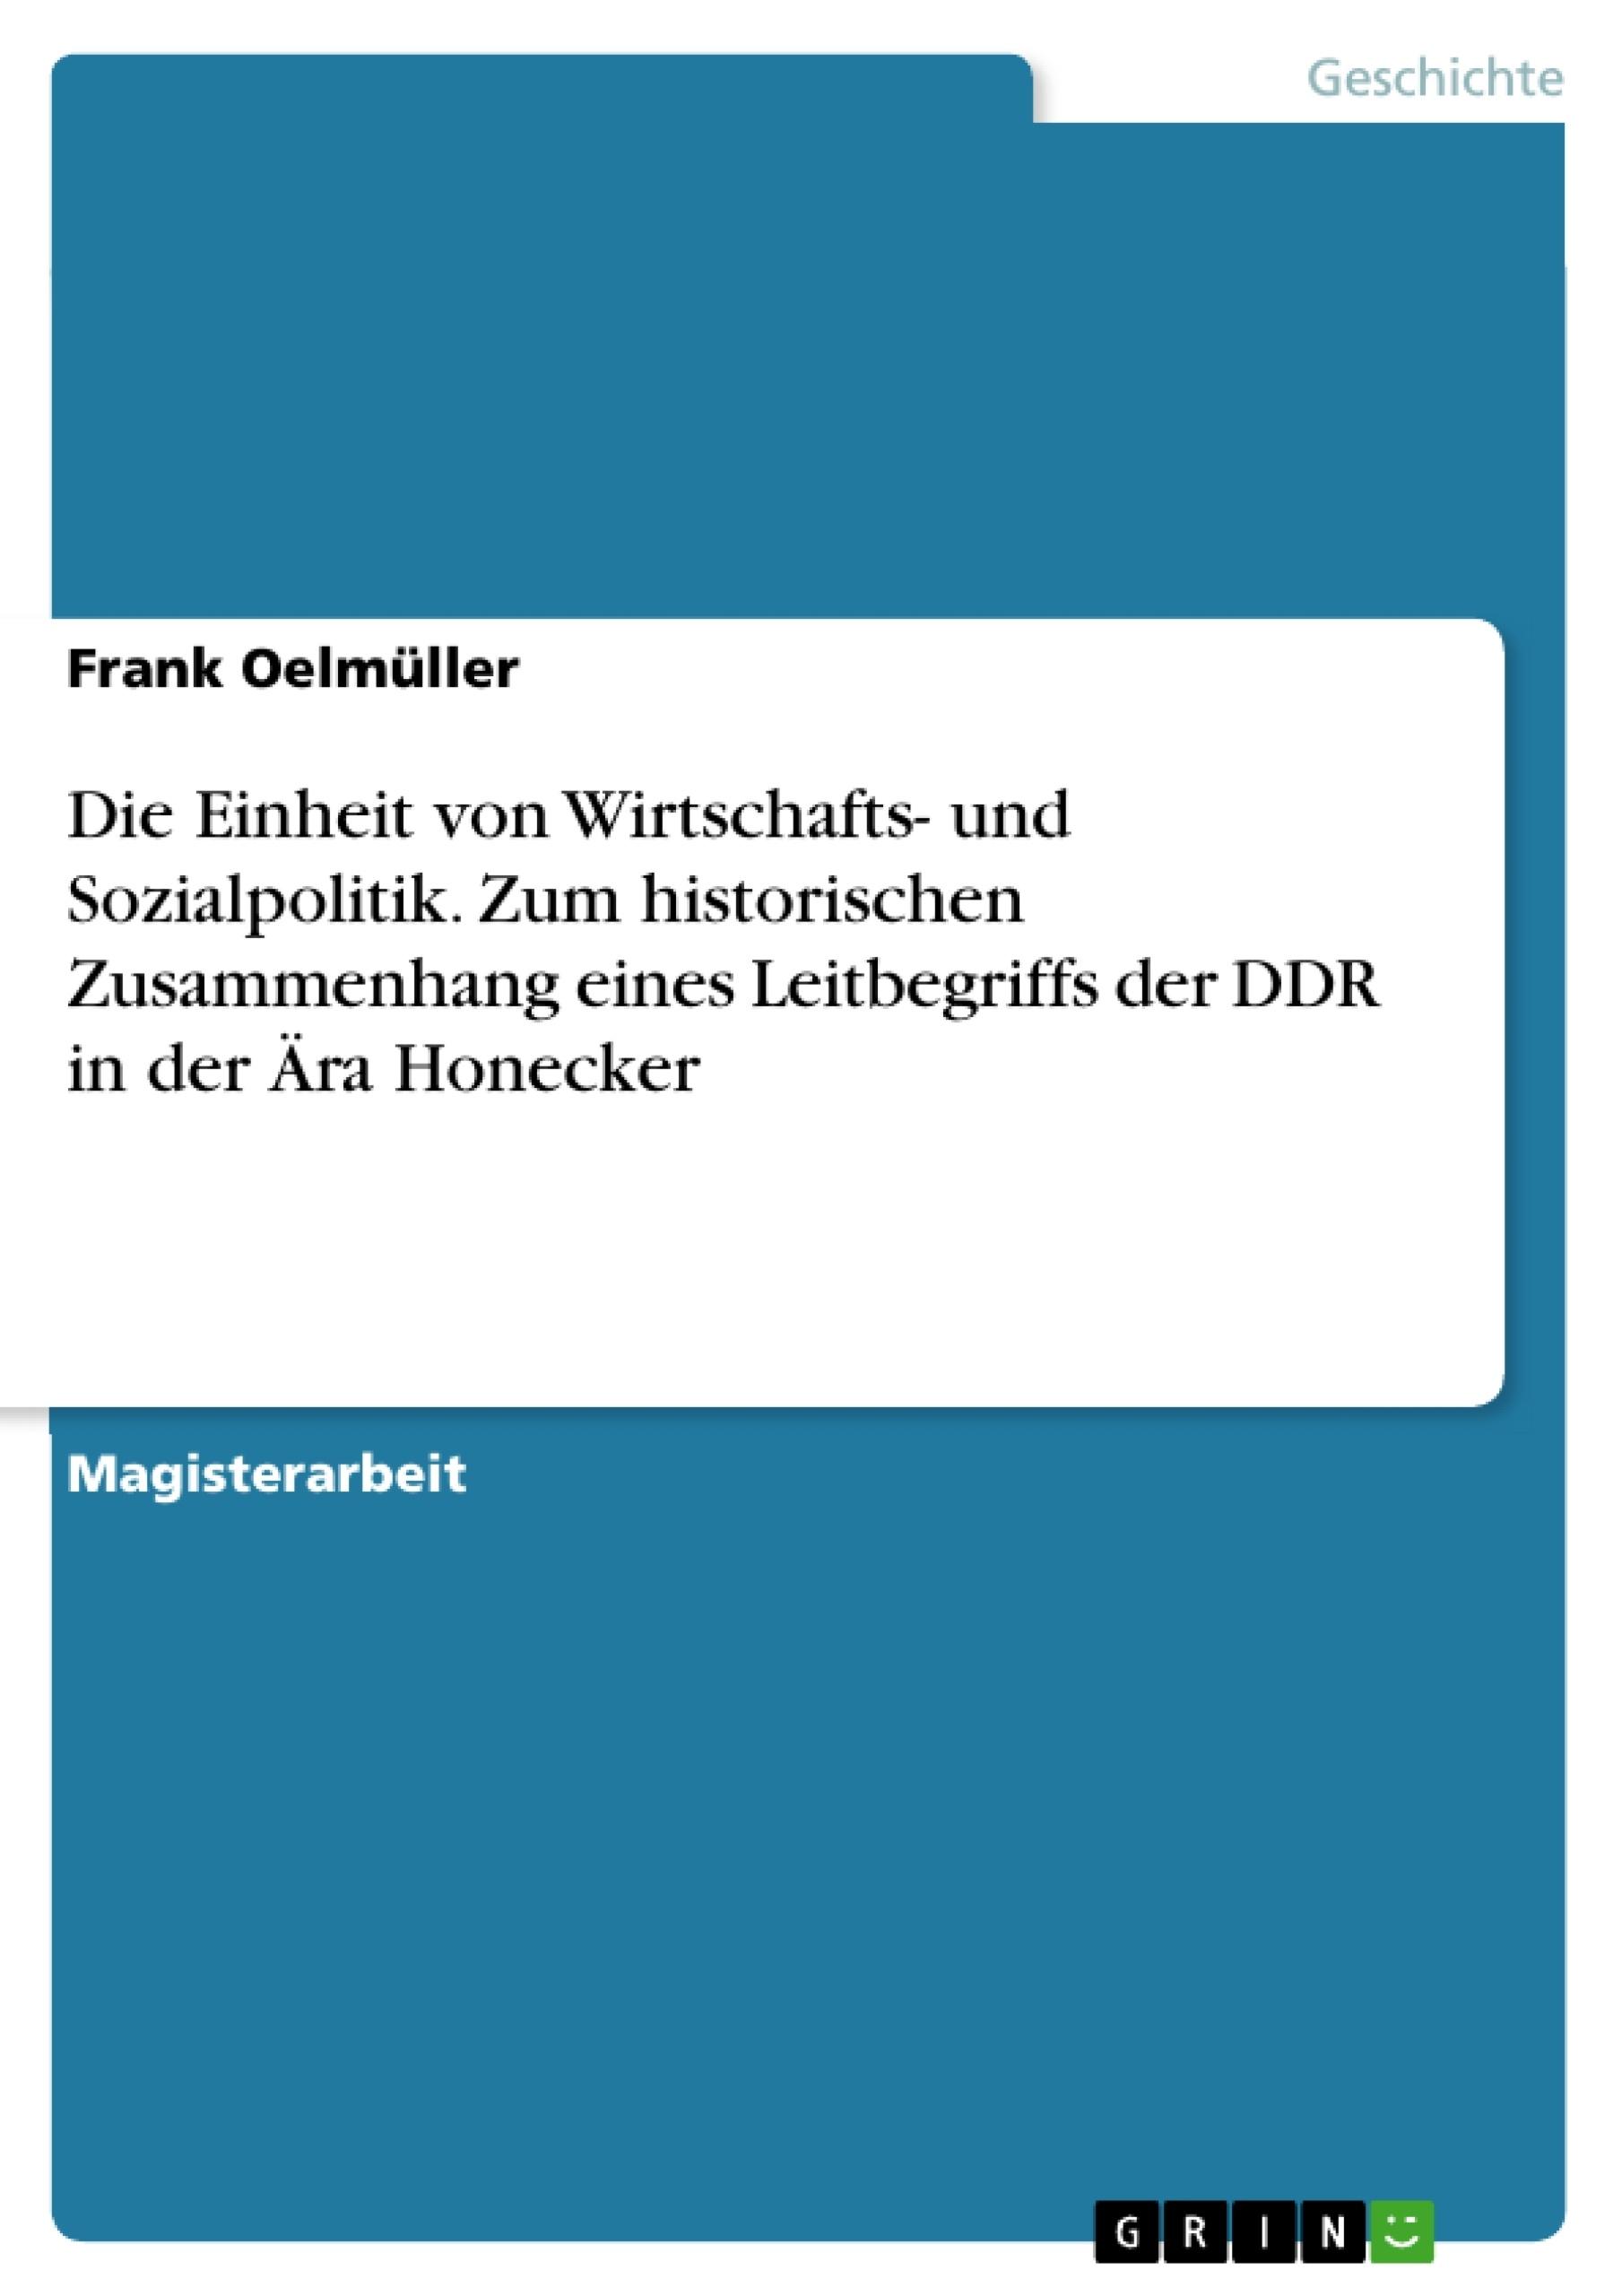 Titel: Die Einheit von Wirtschafts- und Sozialpolitik. Zum historischen Zusammenhang eines Leitbegriffs der DDR in der Ära Honecker